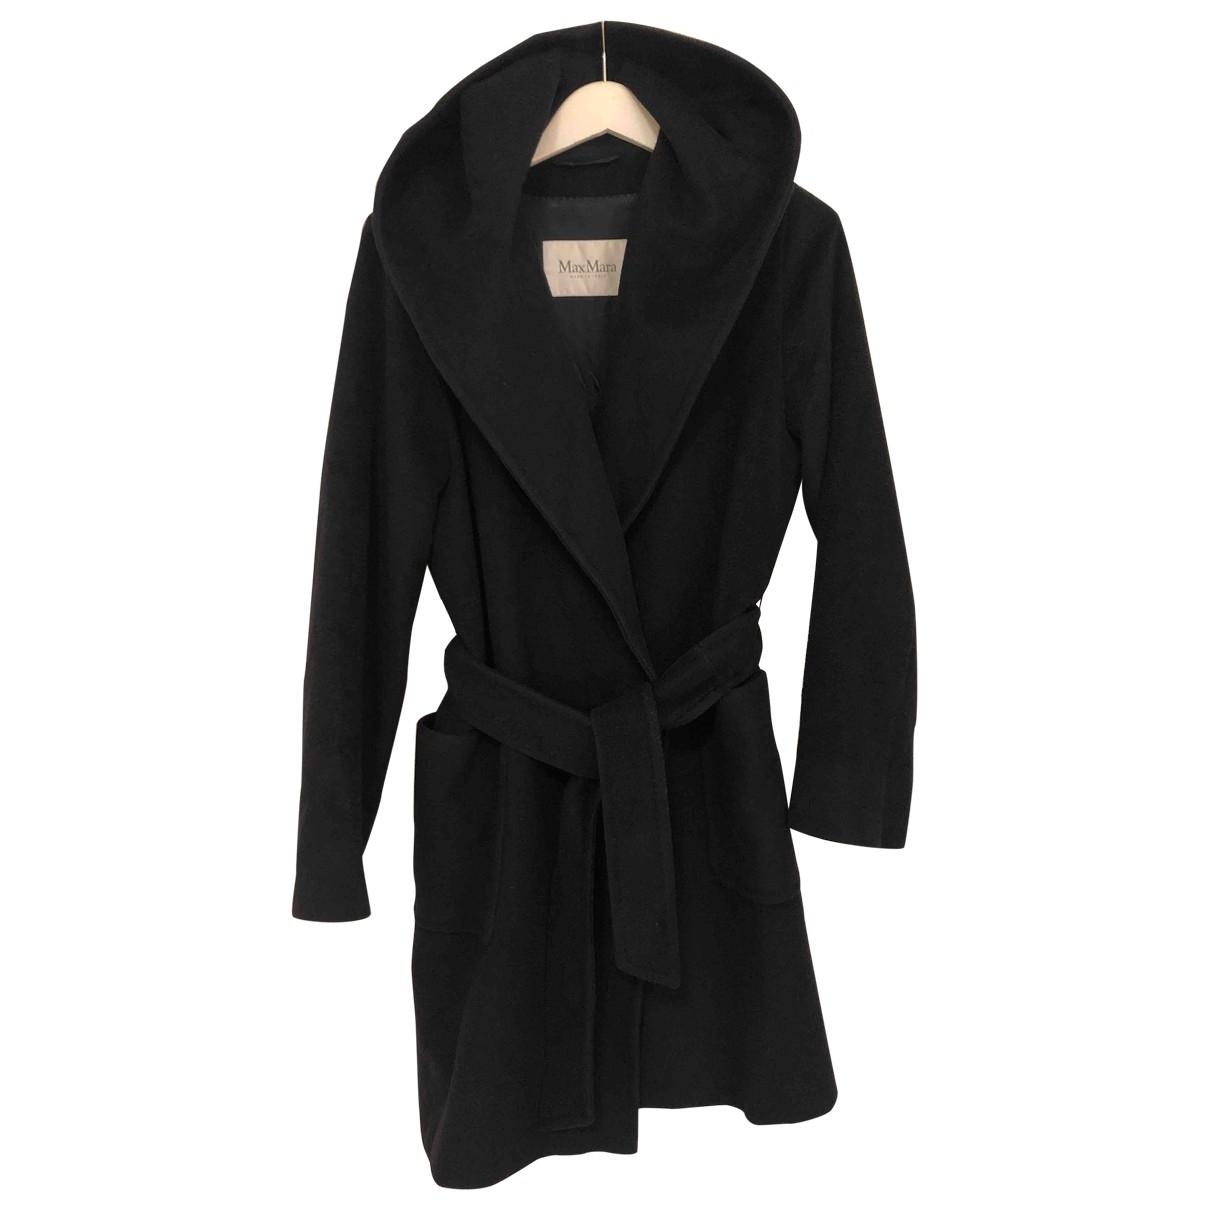 Max Mara - Manteau   pour femme en laine - marine